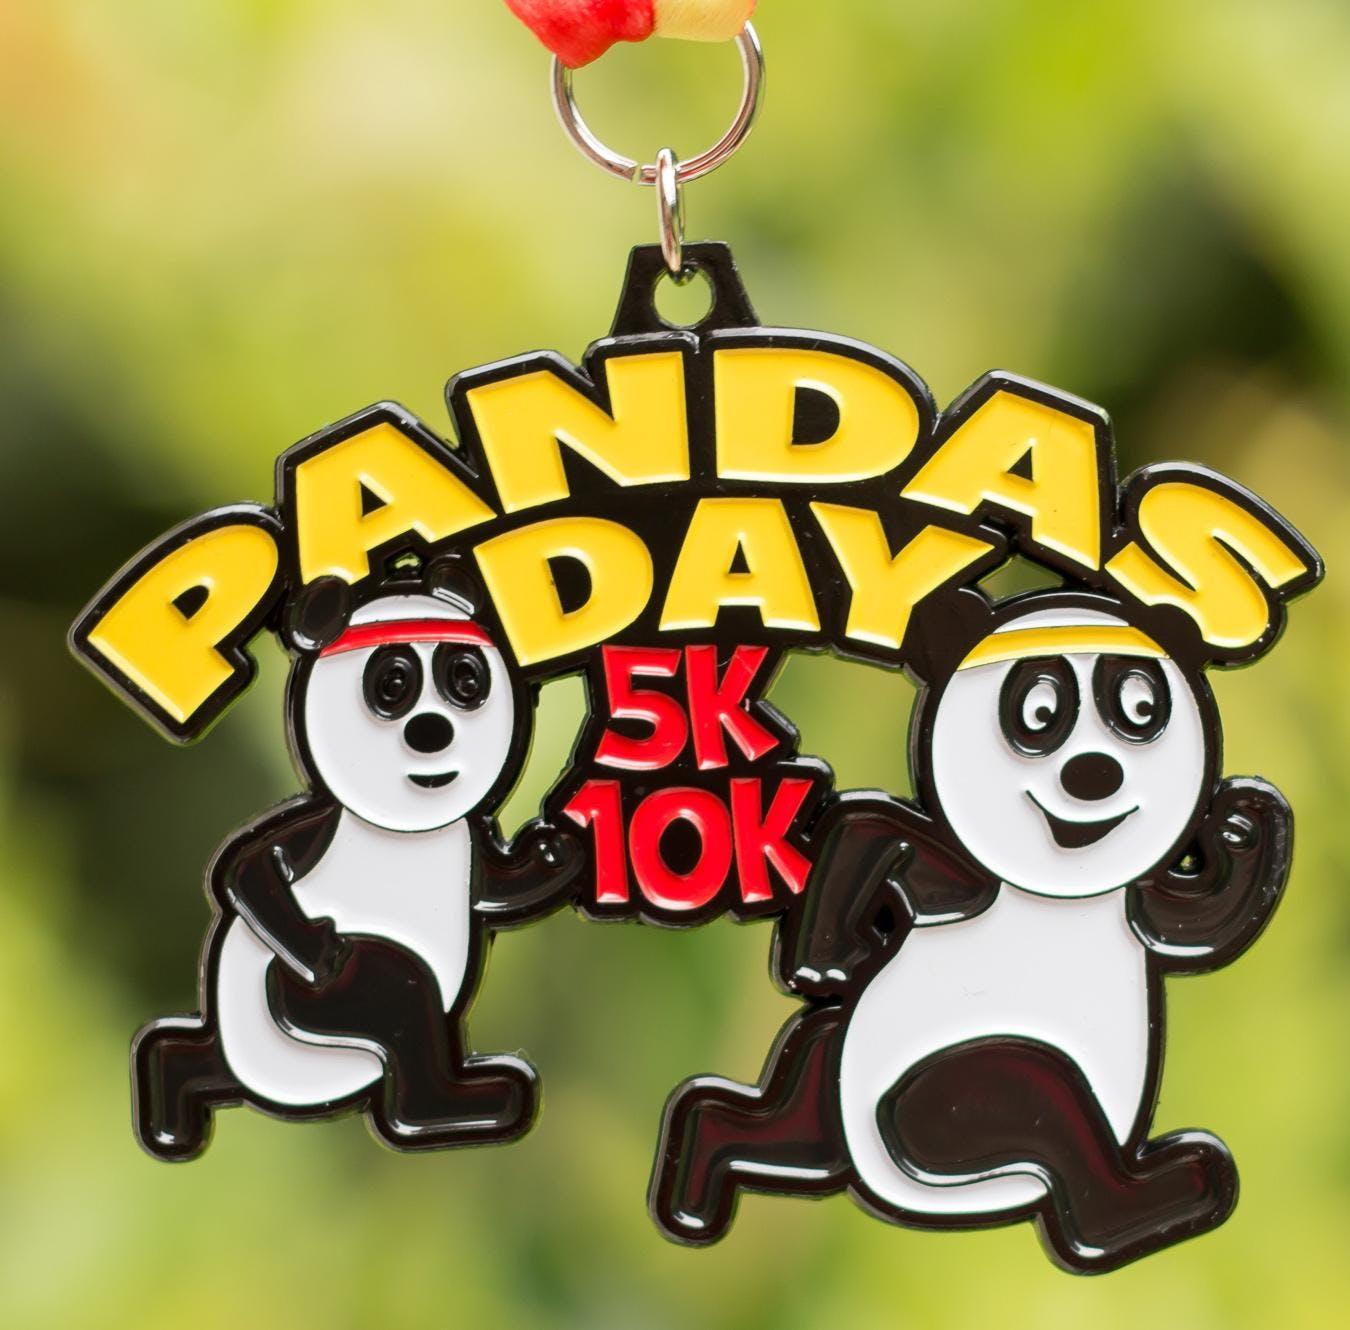 Now Only $10! PANDAS Day 5K & 10K - Phoenix